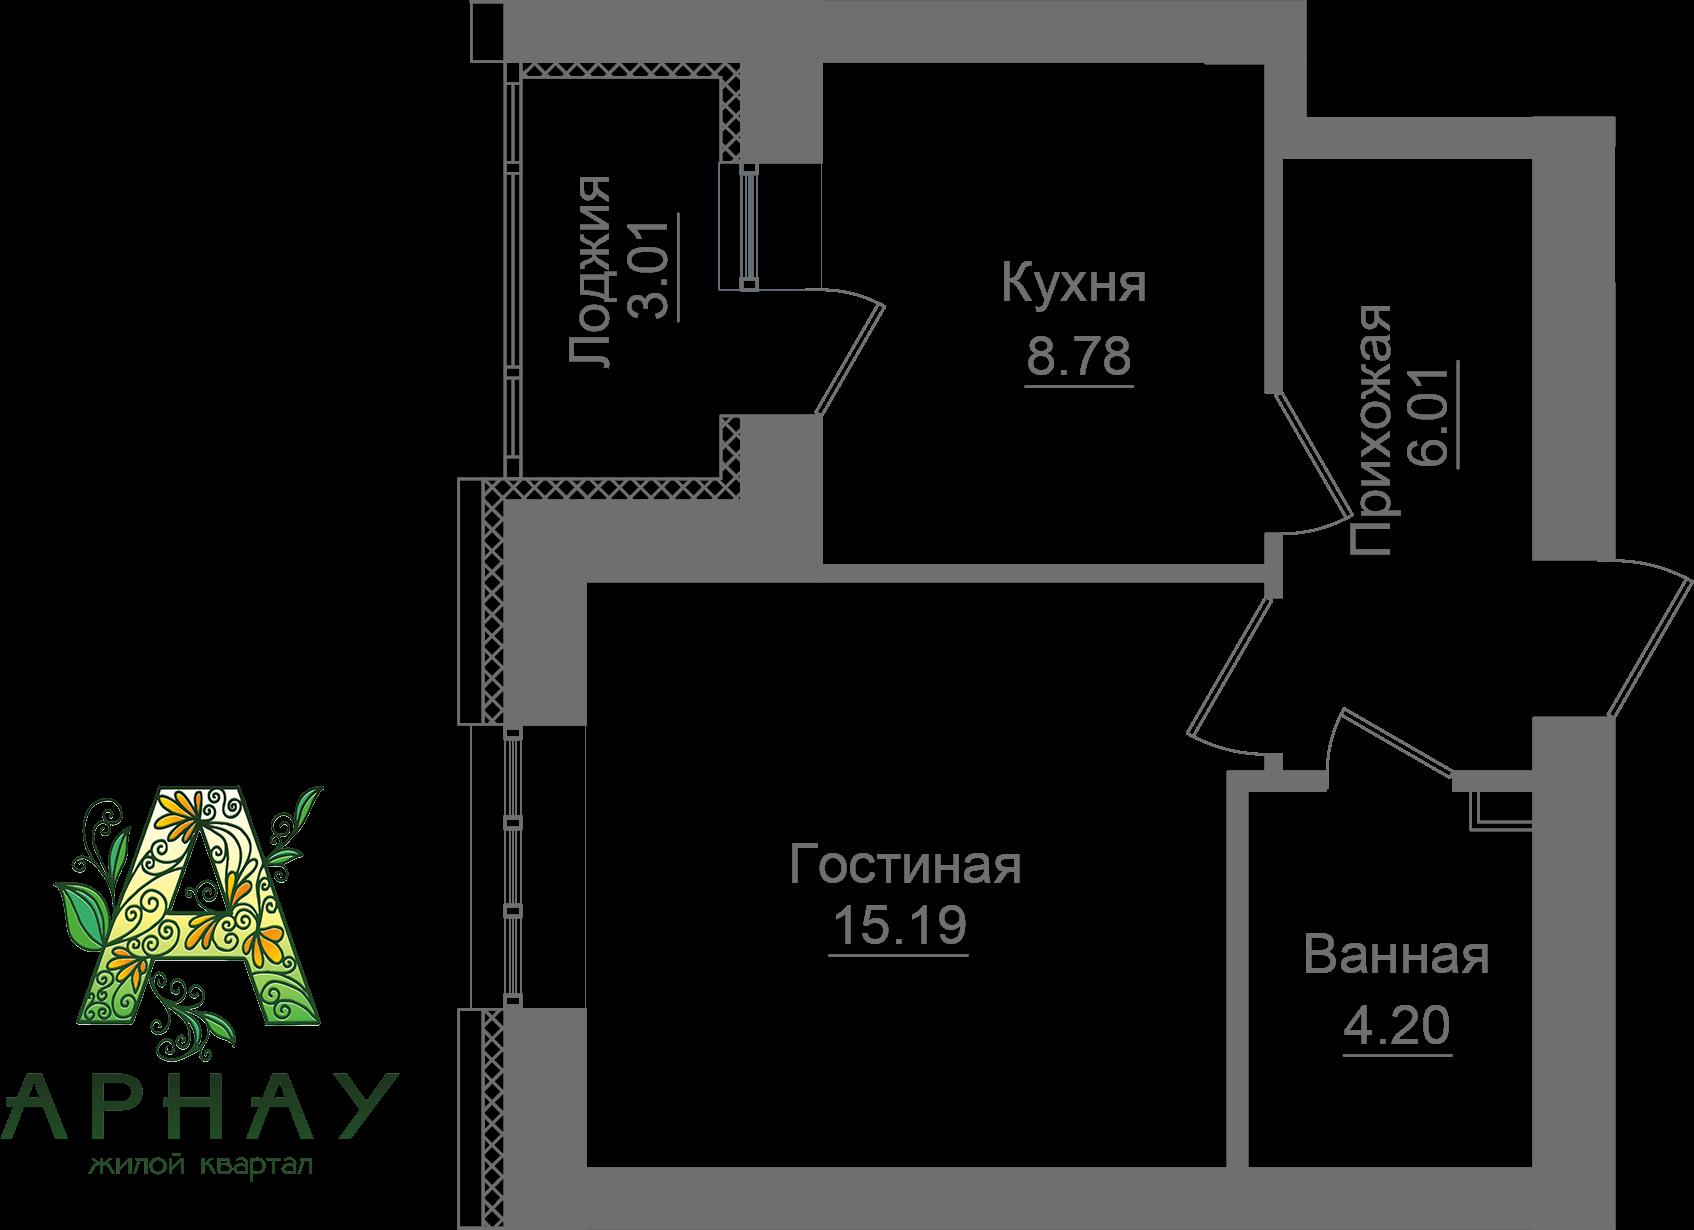 Квартира 61